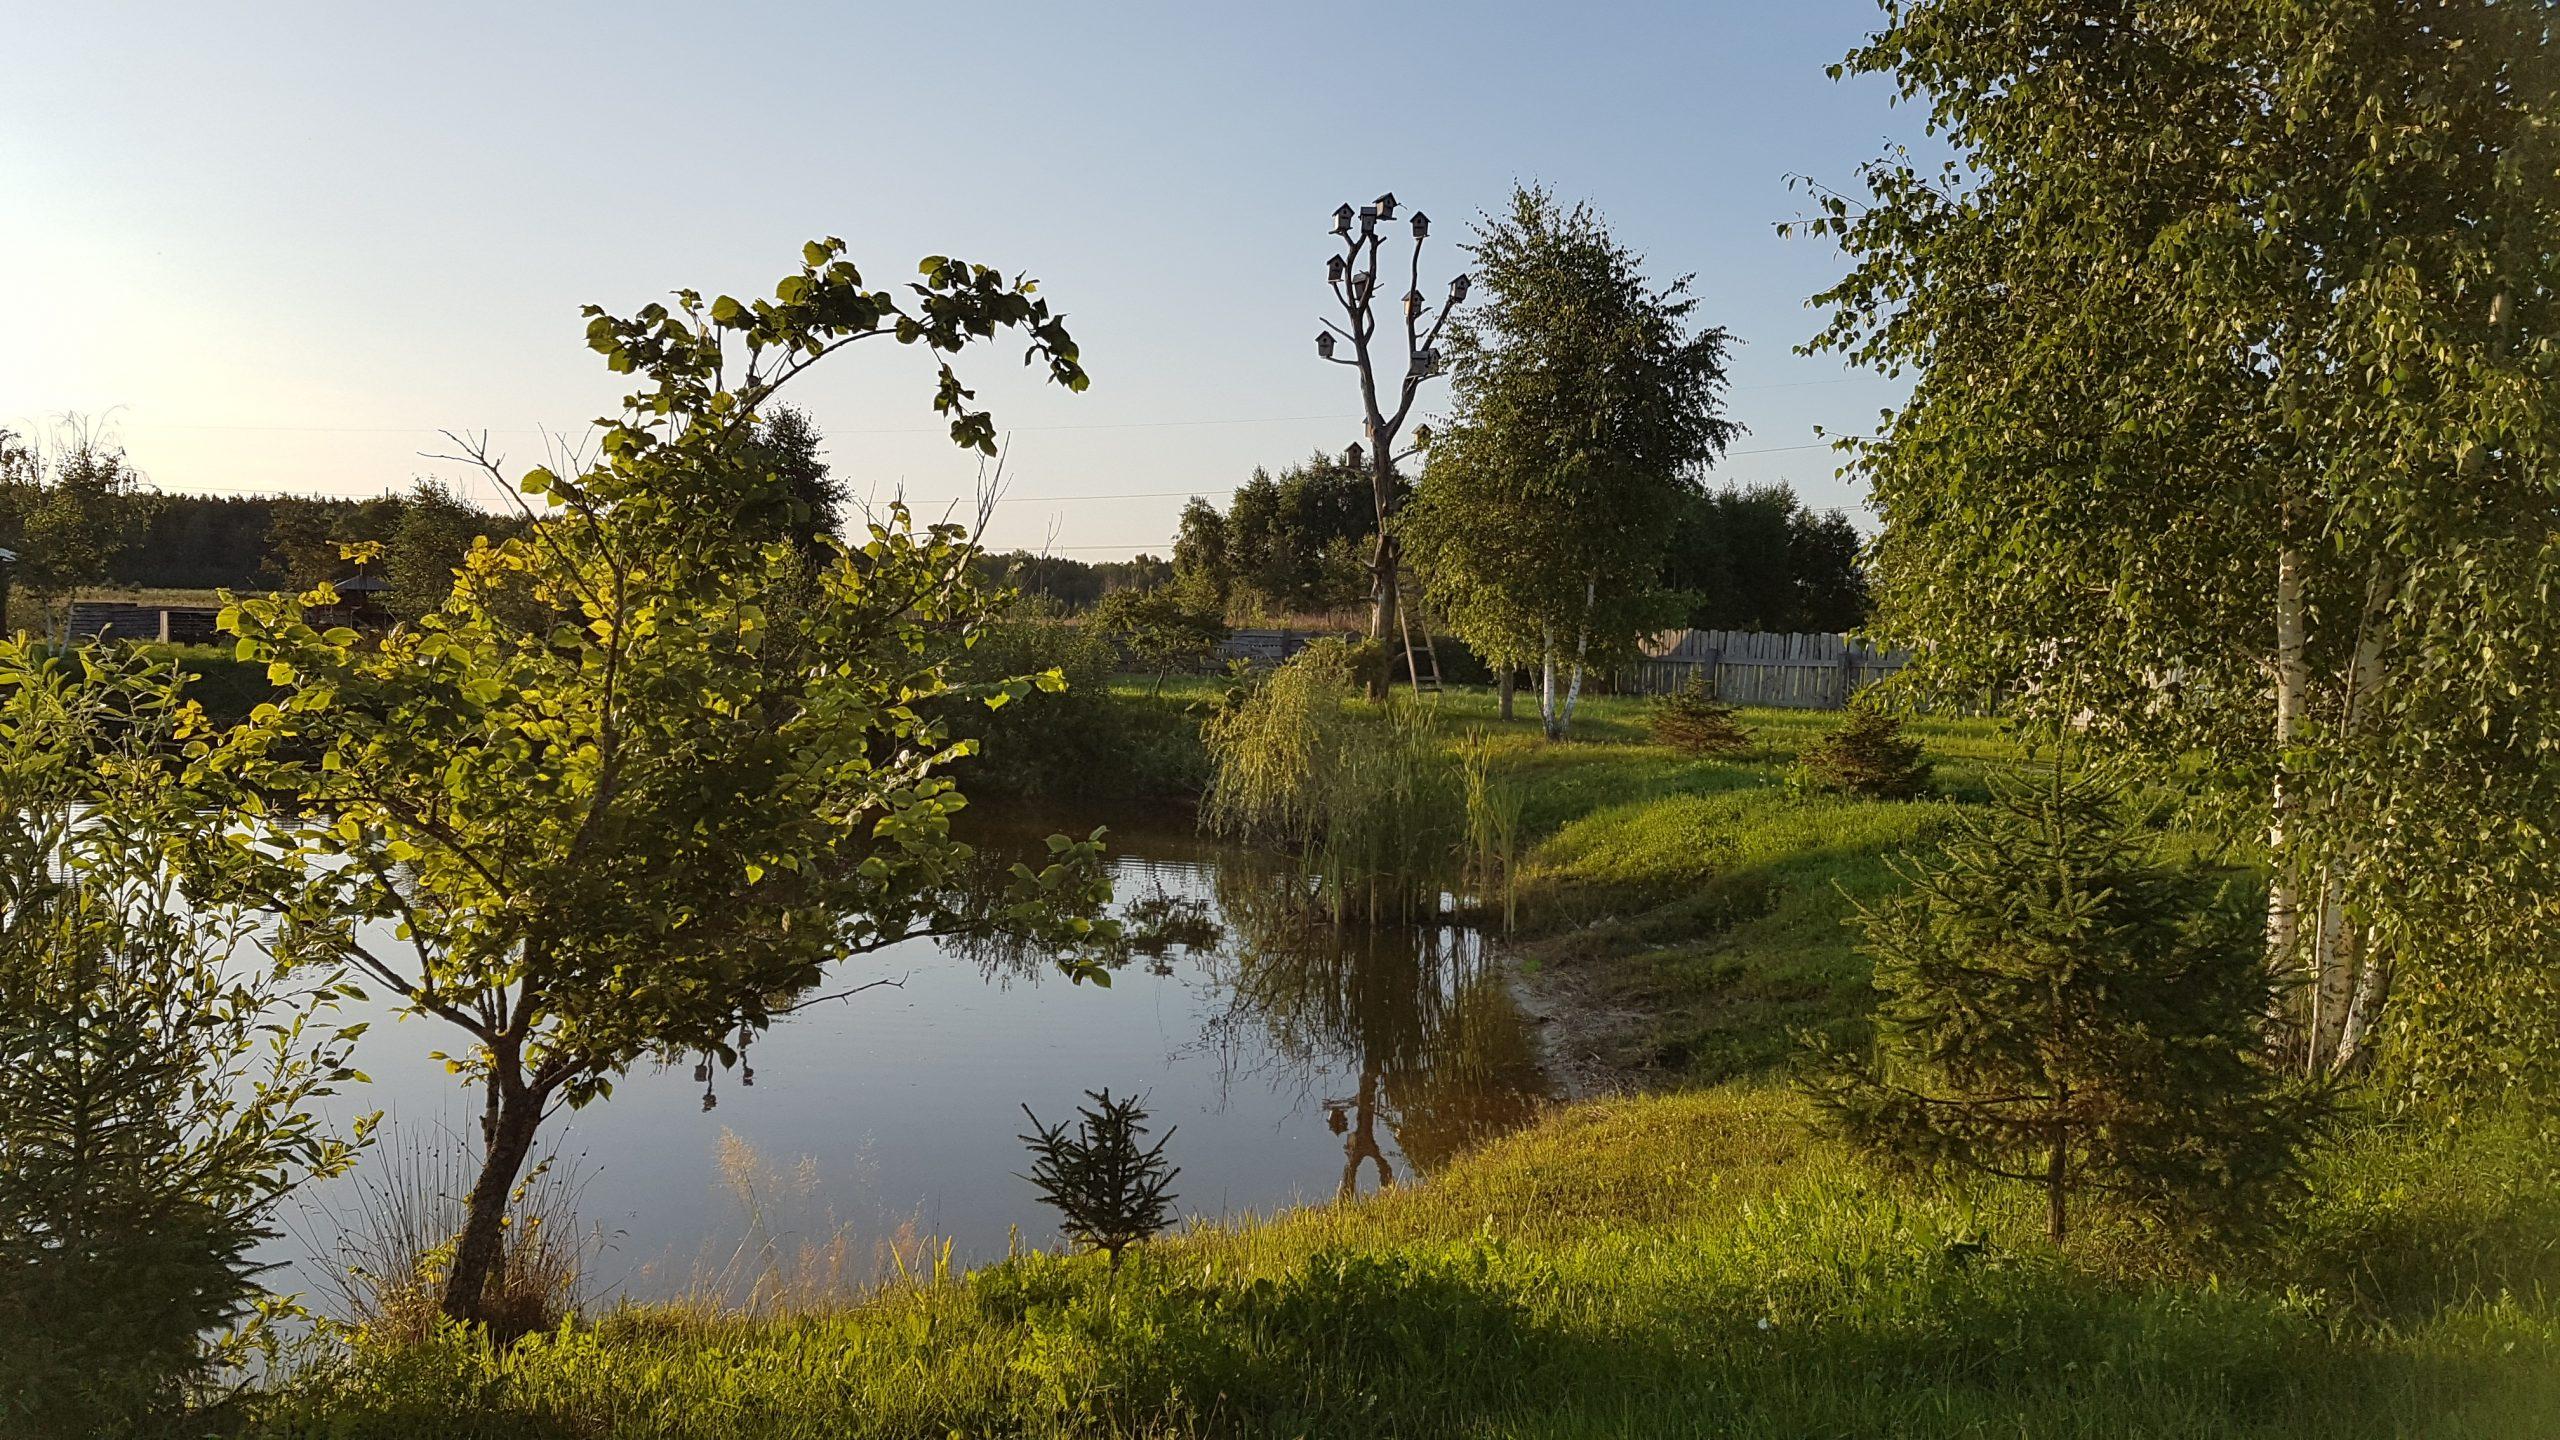 31 juillet : En route pour le parc national de Pripyatskiy - jour 2